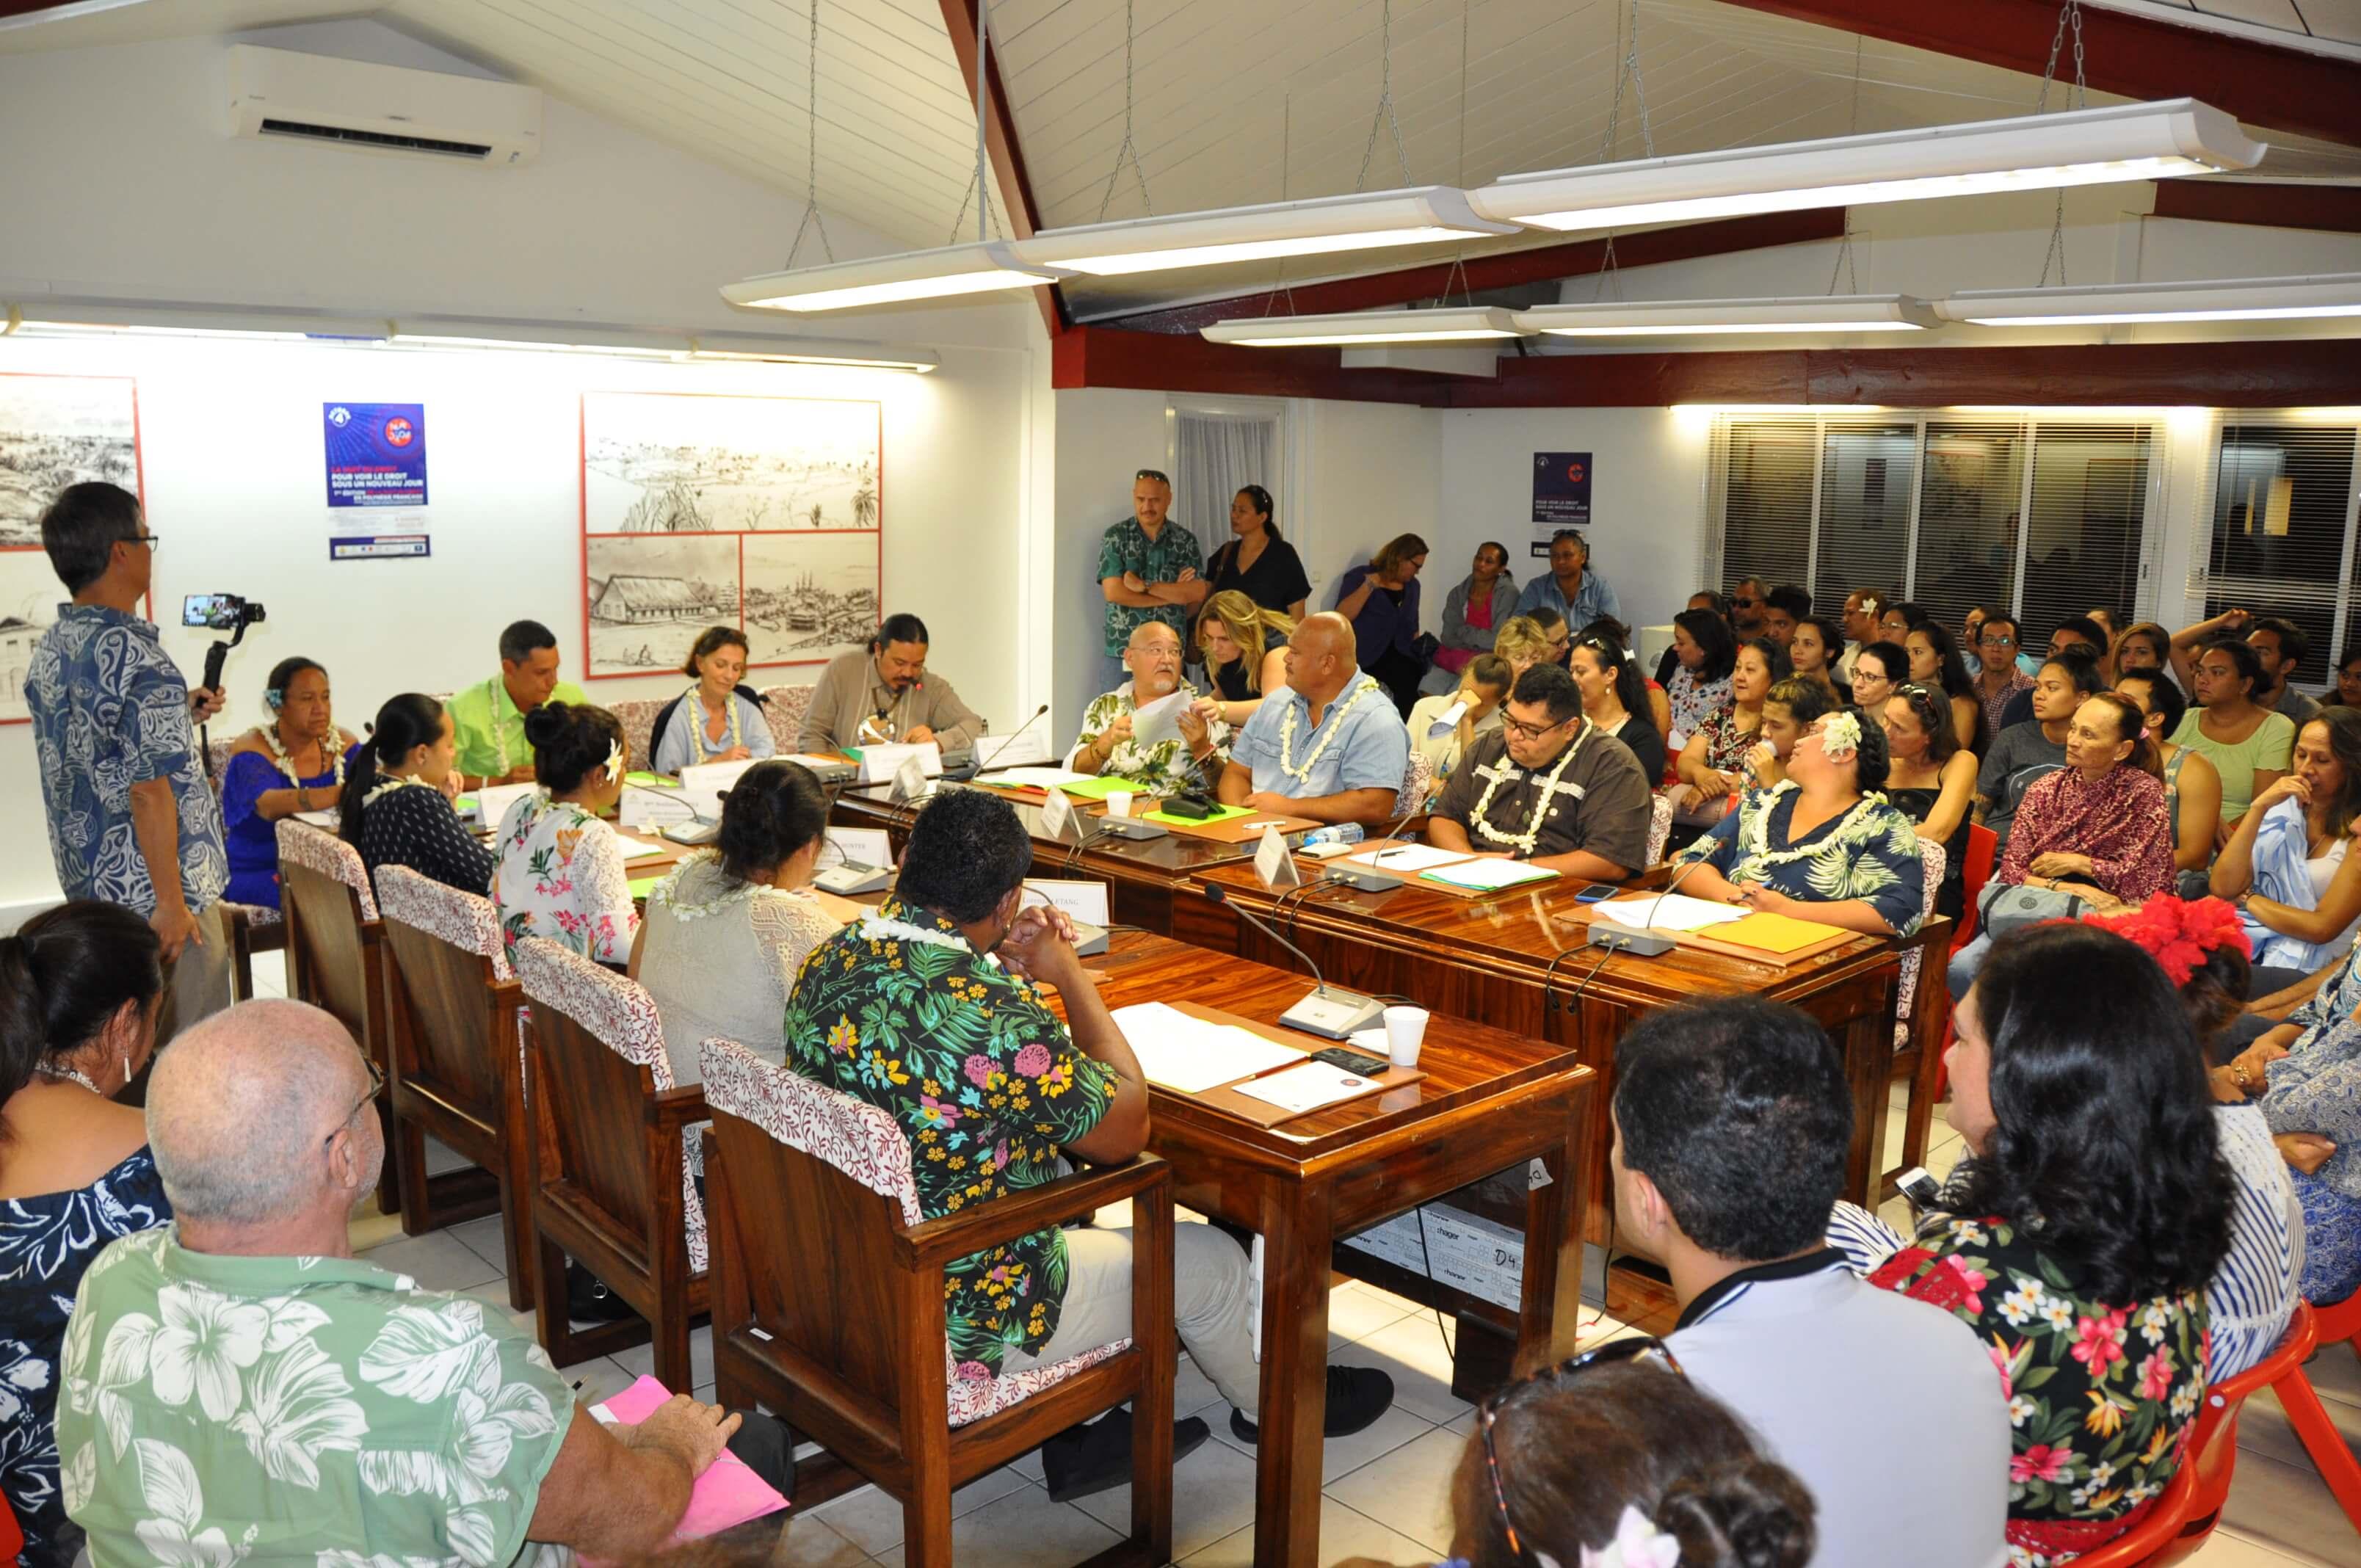 Deux commissions législatives ont été programmées durant la soirée. Ici, on retrouve la commission en charge de la Culture. Crédit photo : CESC